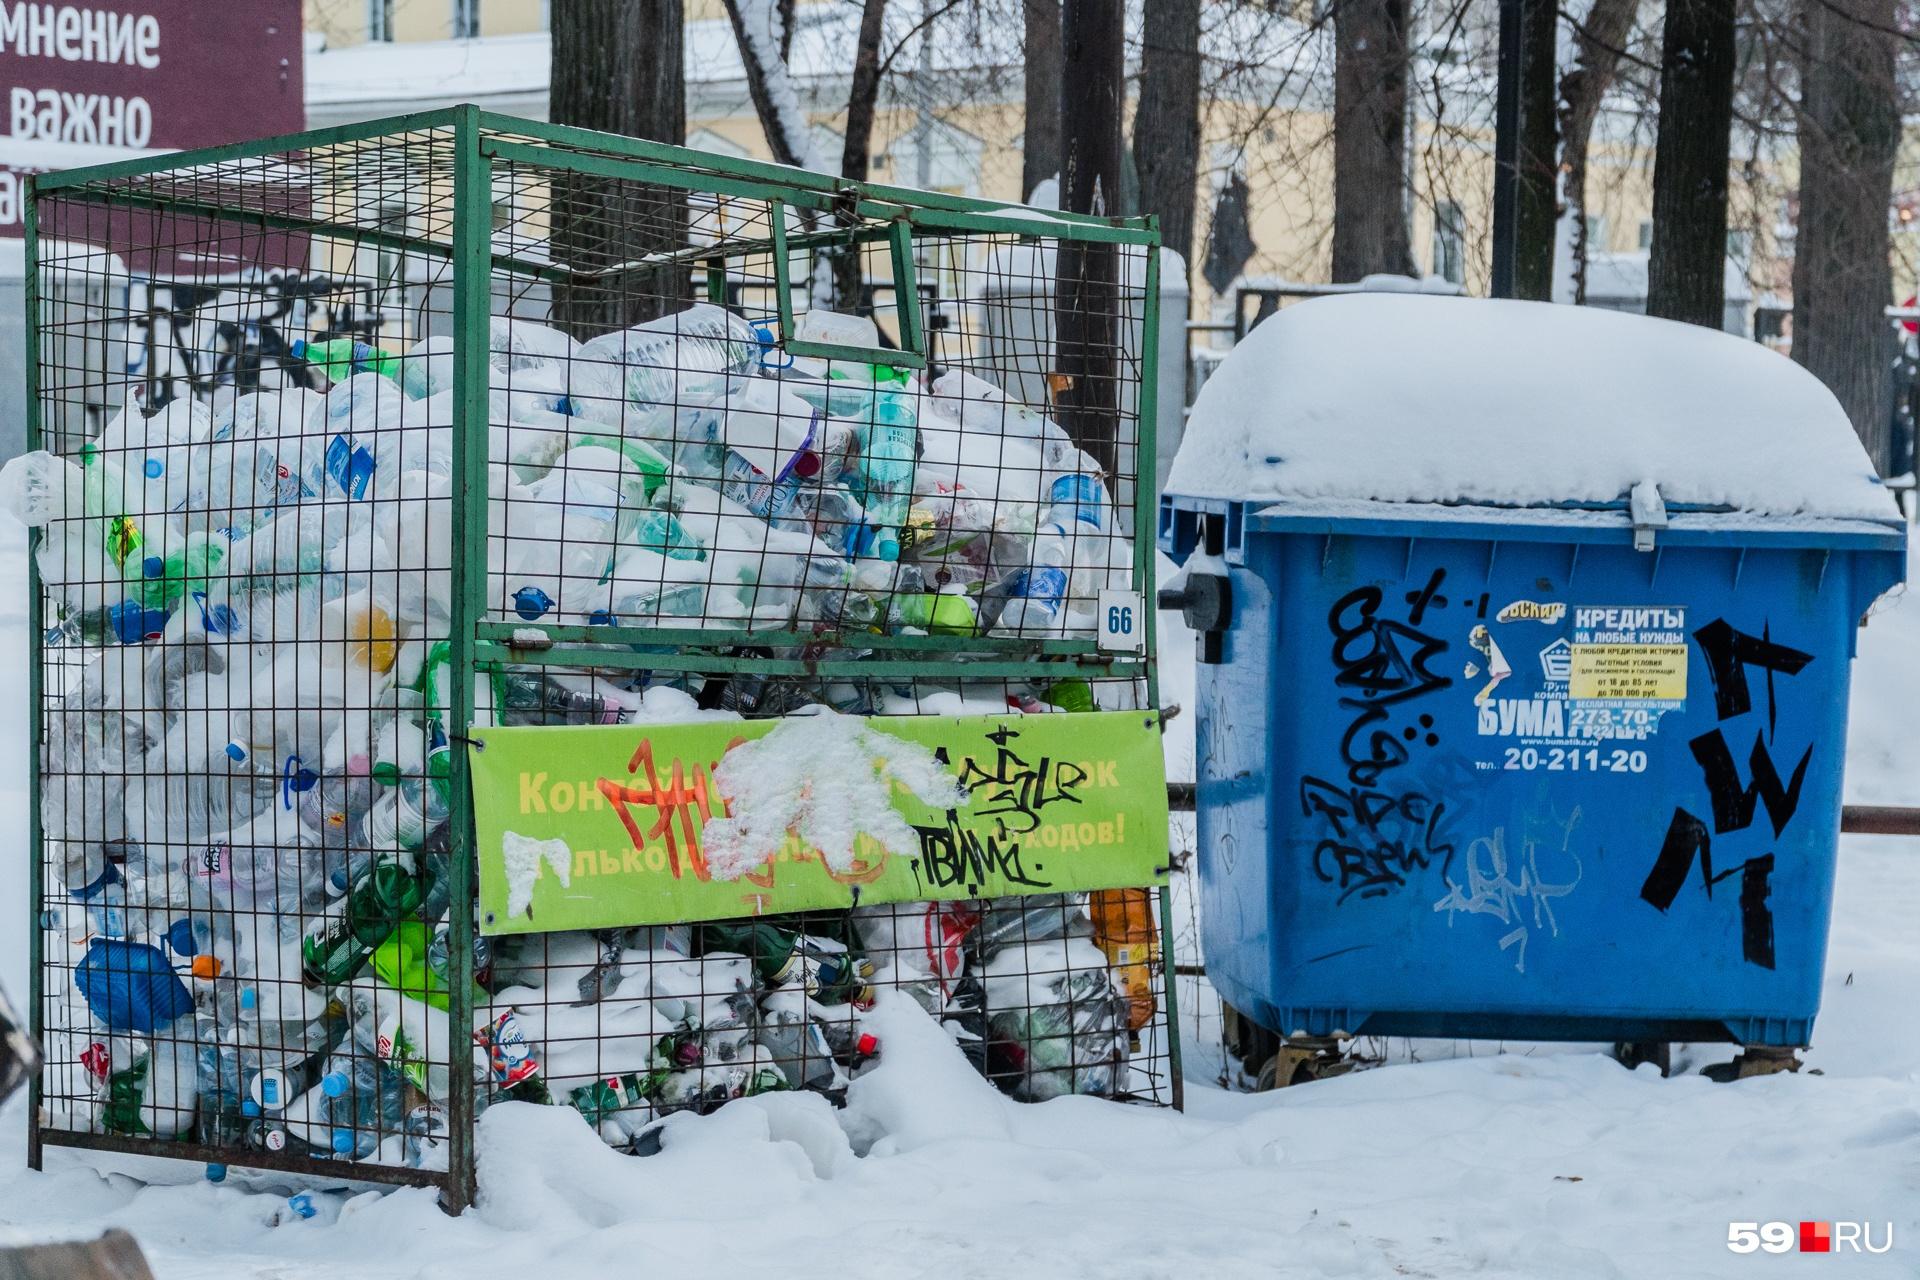 Раздельный сбор мусора пока производится так — отдельные «ловушки»для пластика